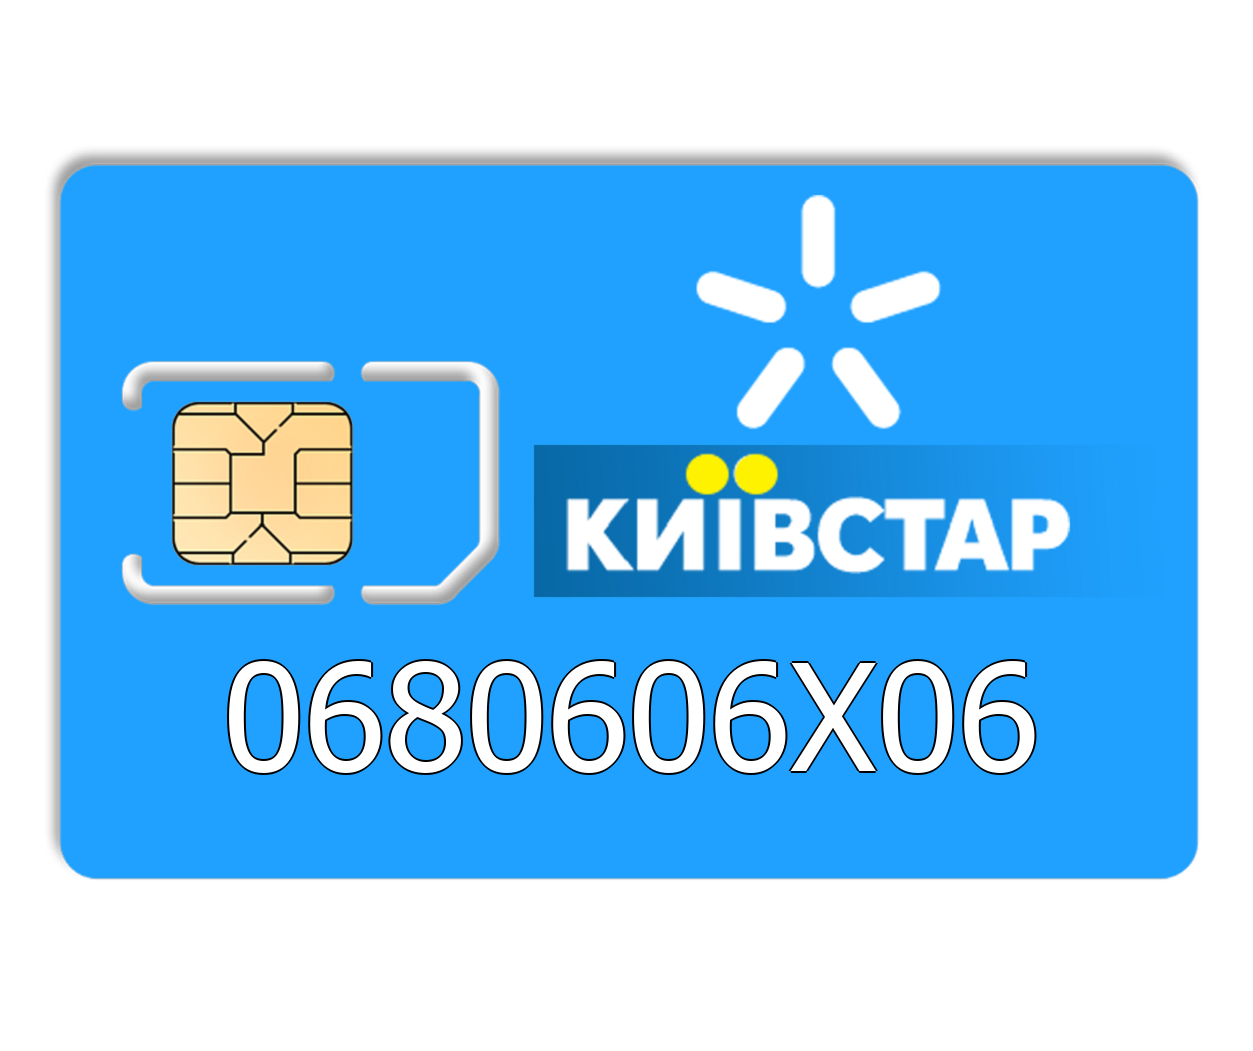 Красивый номер Киевстар 0680606X06